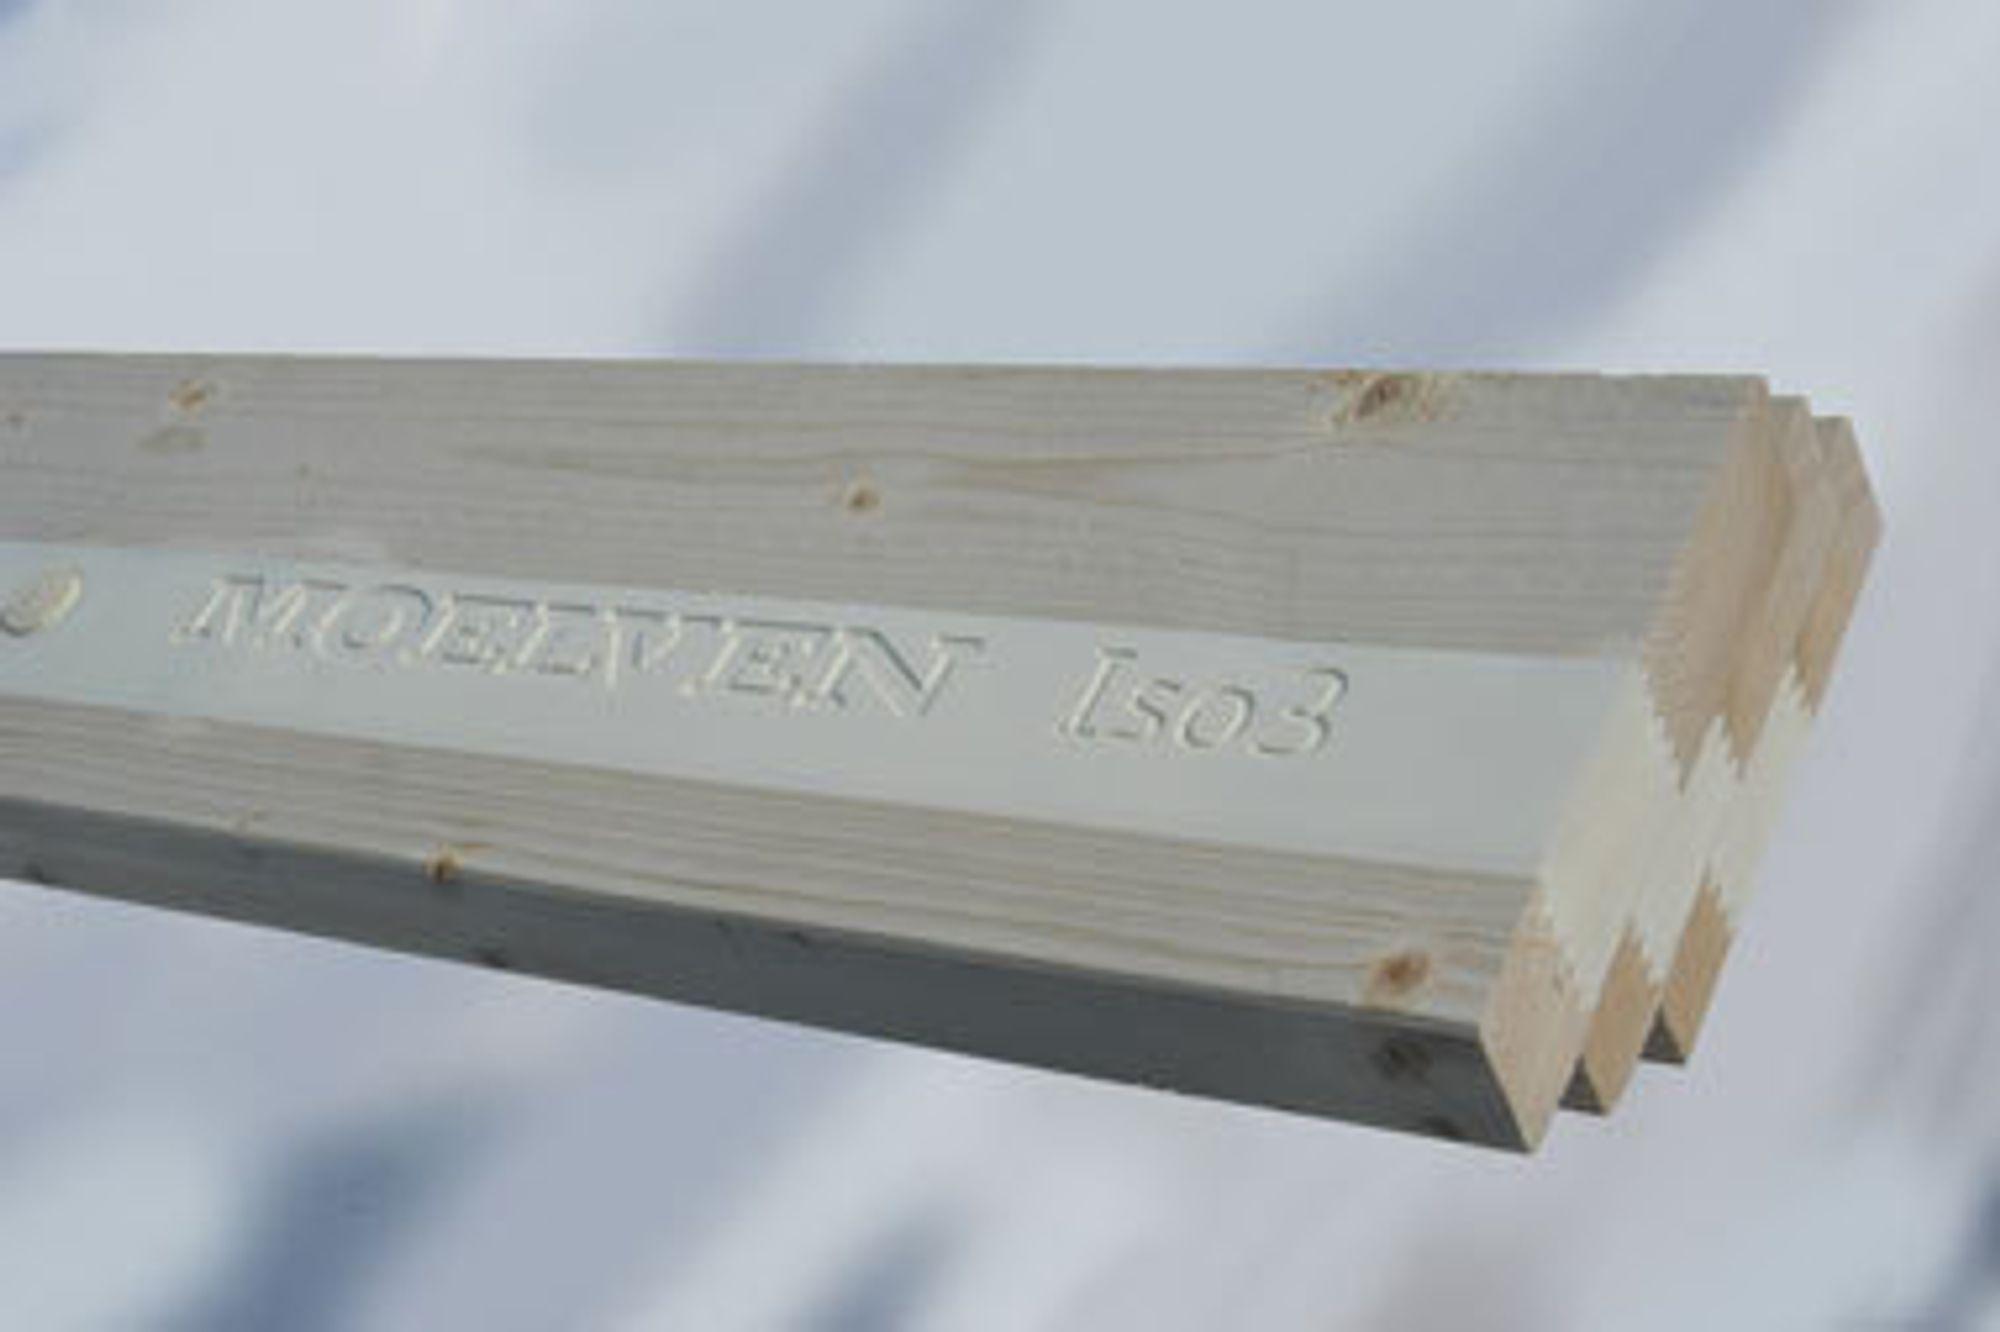 PRISVINNER: Denne oppfinnelsen av Haumann Sund vant Byggenæringens innovasjonspris 2011.